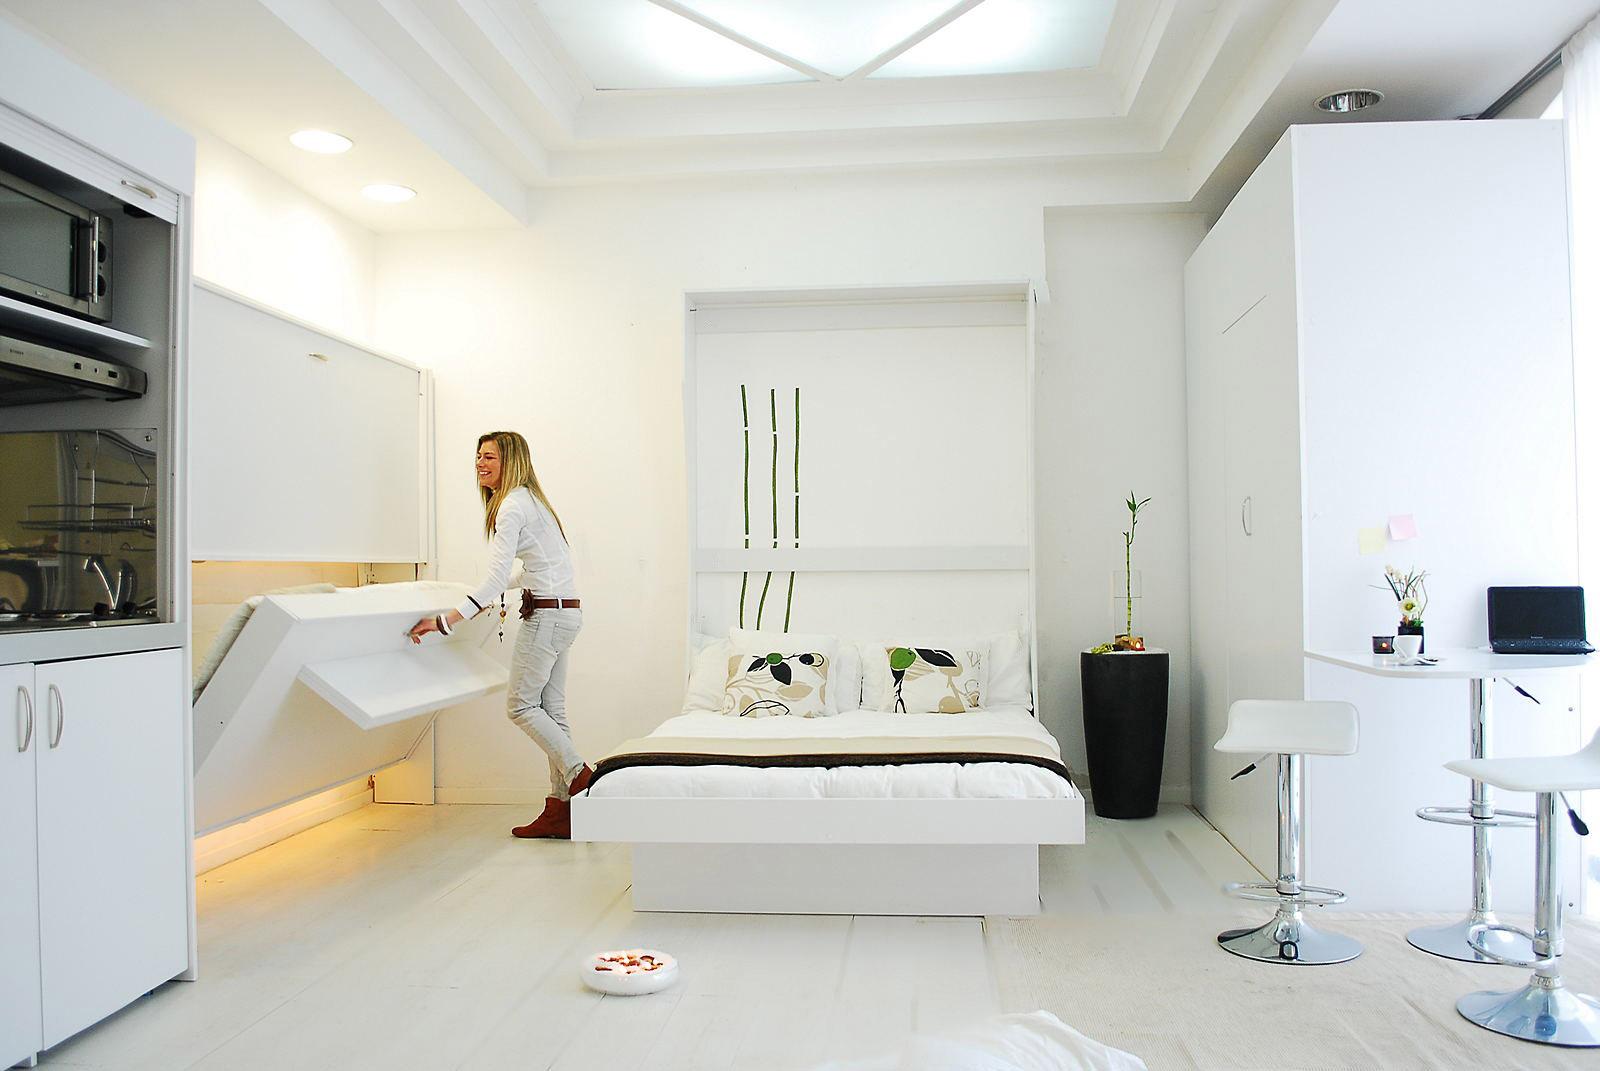 L 39 impresa di pulizia a casa o al lavoro cresce la domanda - Pulizia casa dopo lavori ...